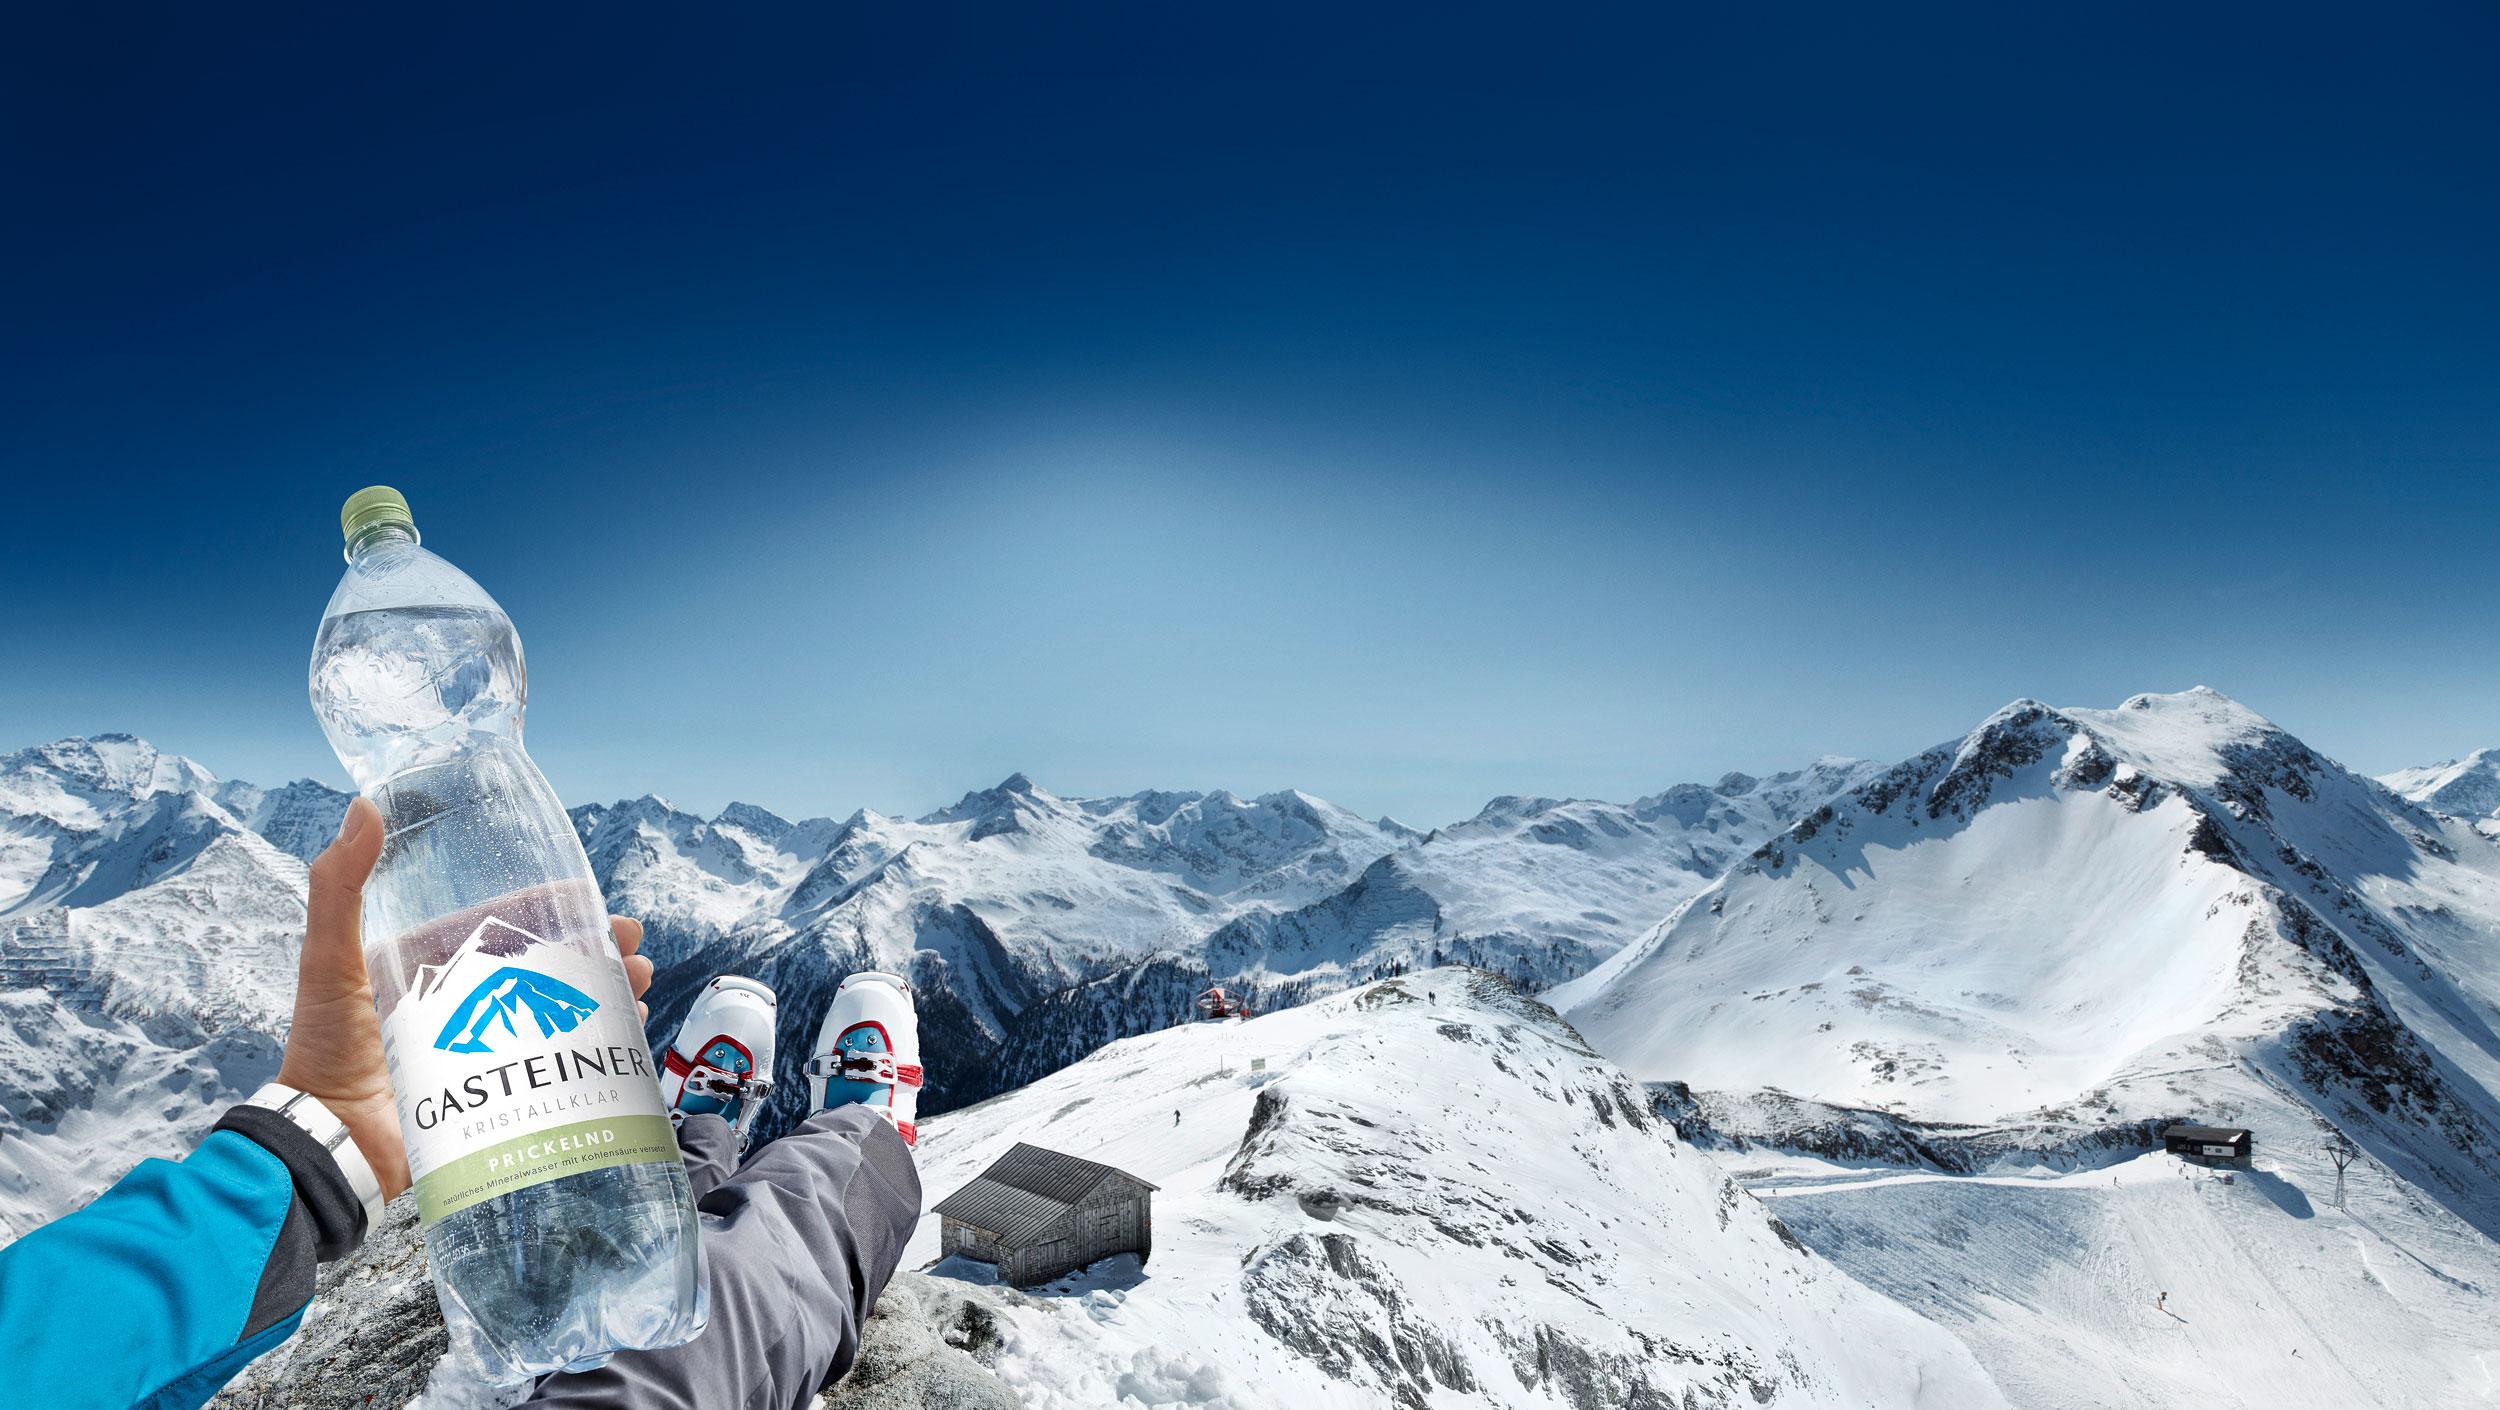 Blaupapier Bildretusche Gasteiner Gebirge Winter